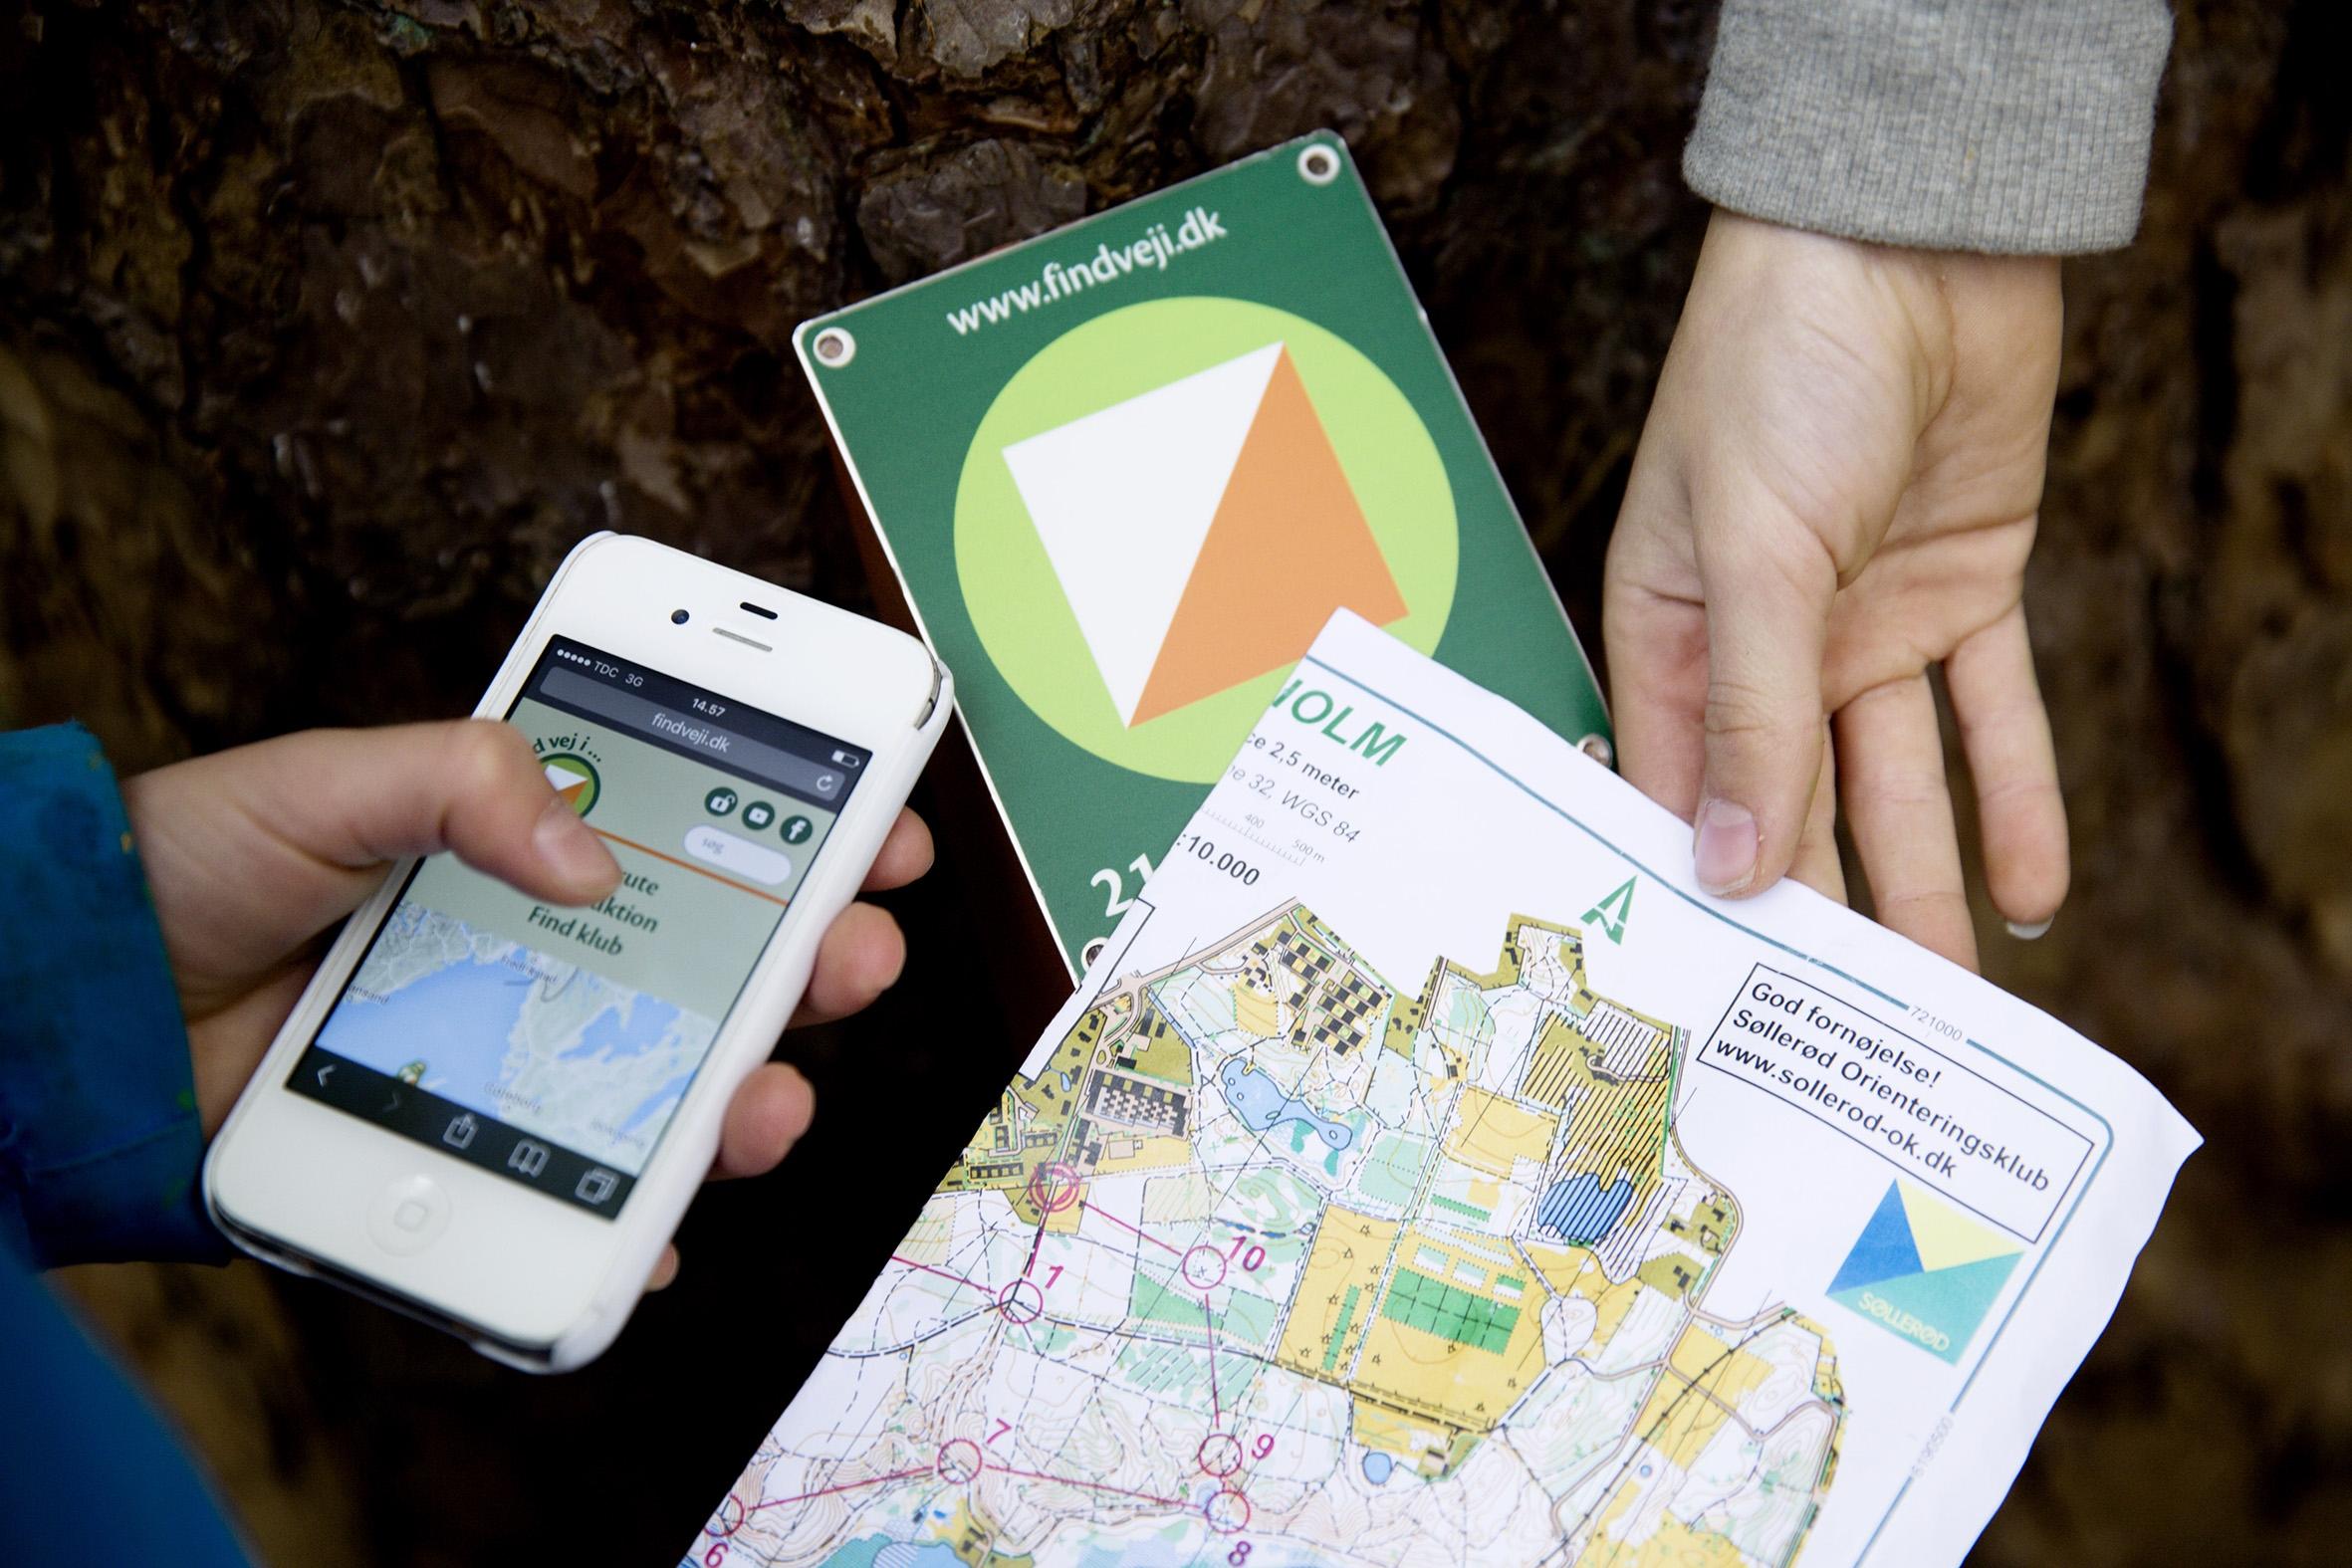 Der er udviklet både digitale og analoge værktøjer gennem projektet Find vej i, som gør det gratis og tilgængeligt for alle at prøve orienteringsløb af